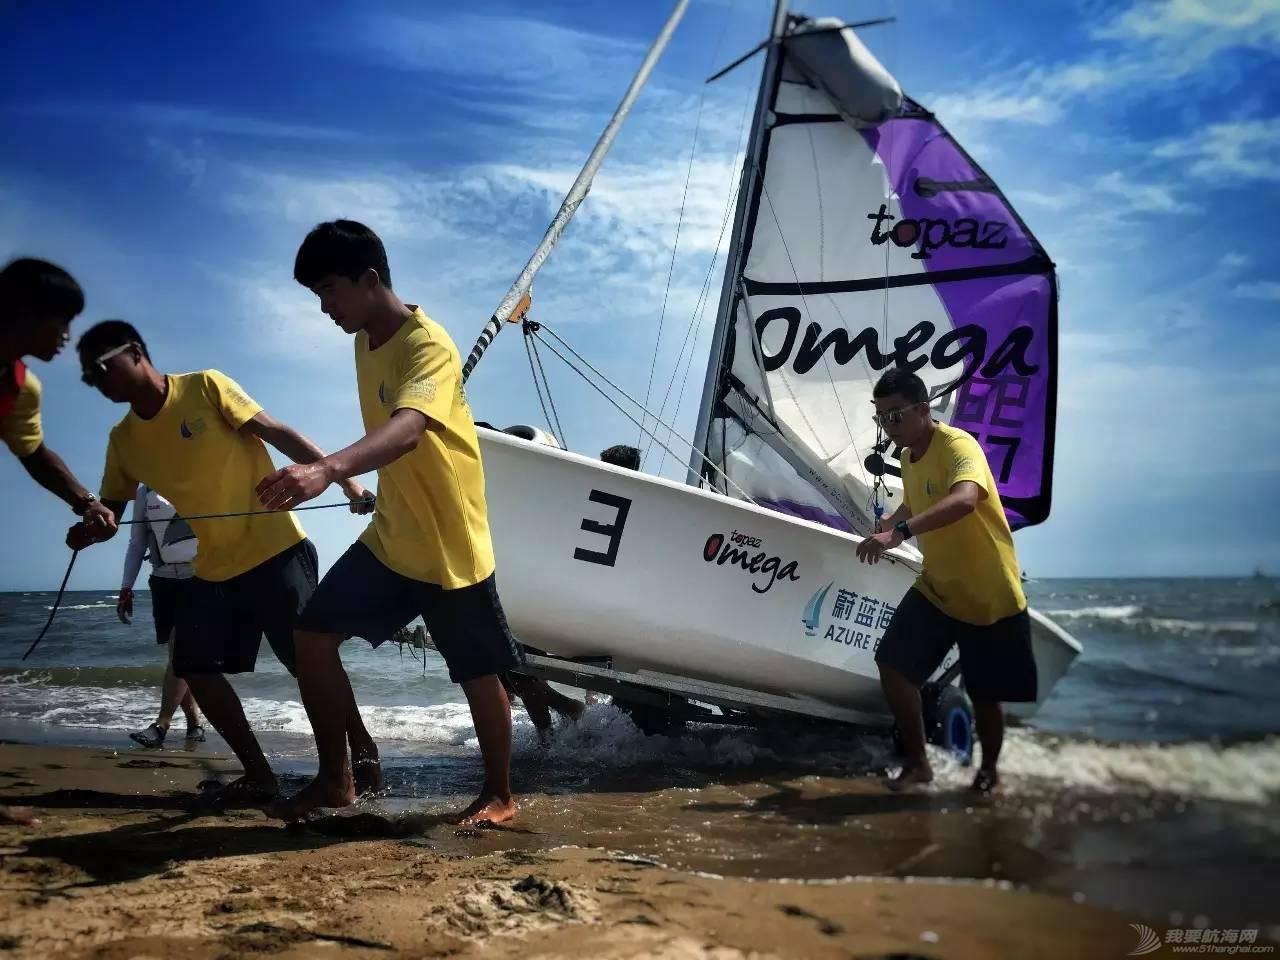 为什么要让孩子去学习小帆船 48bbce8d7f364ad870edf1139b4e431a.jpg